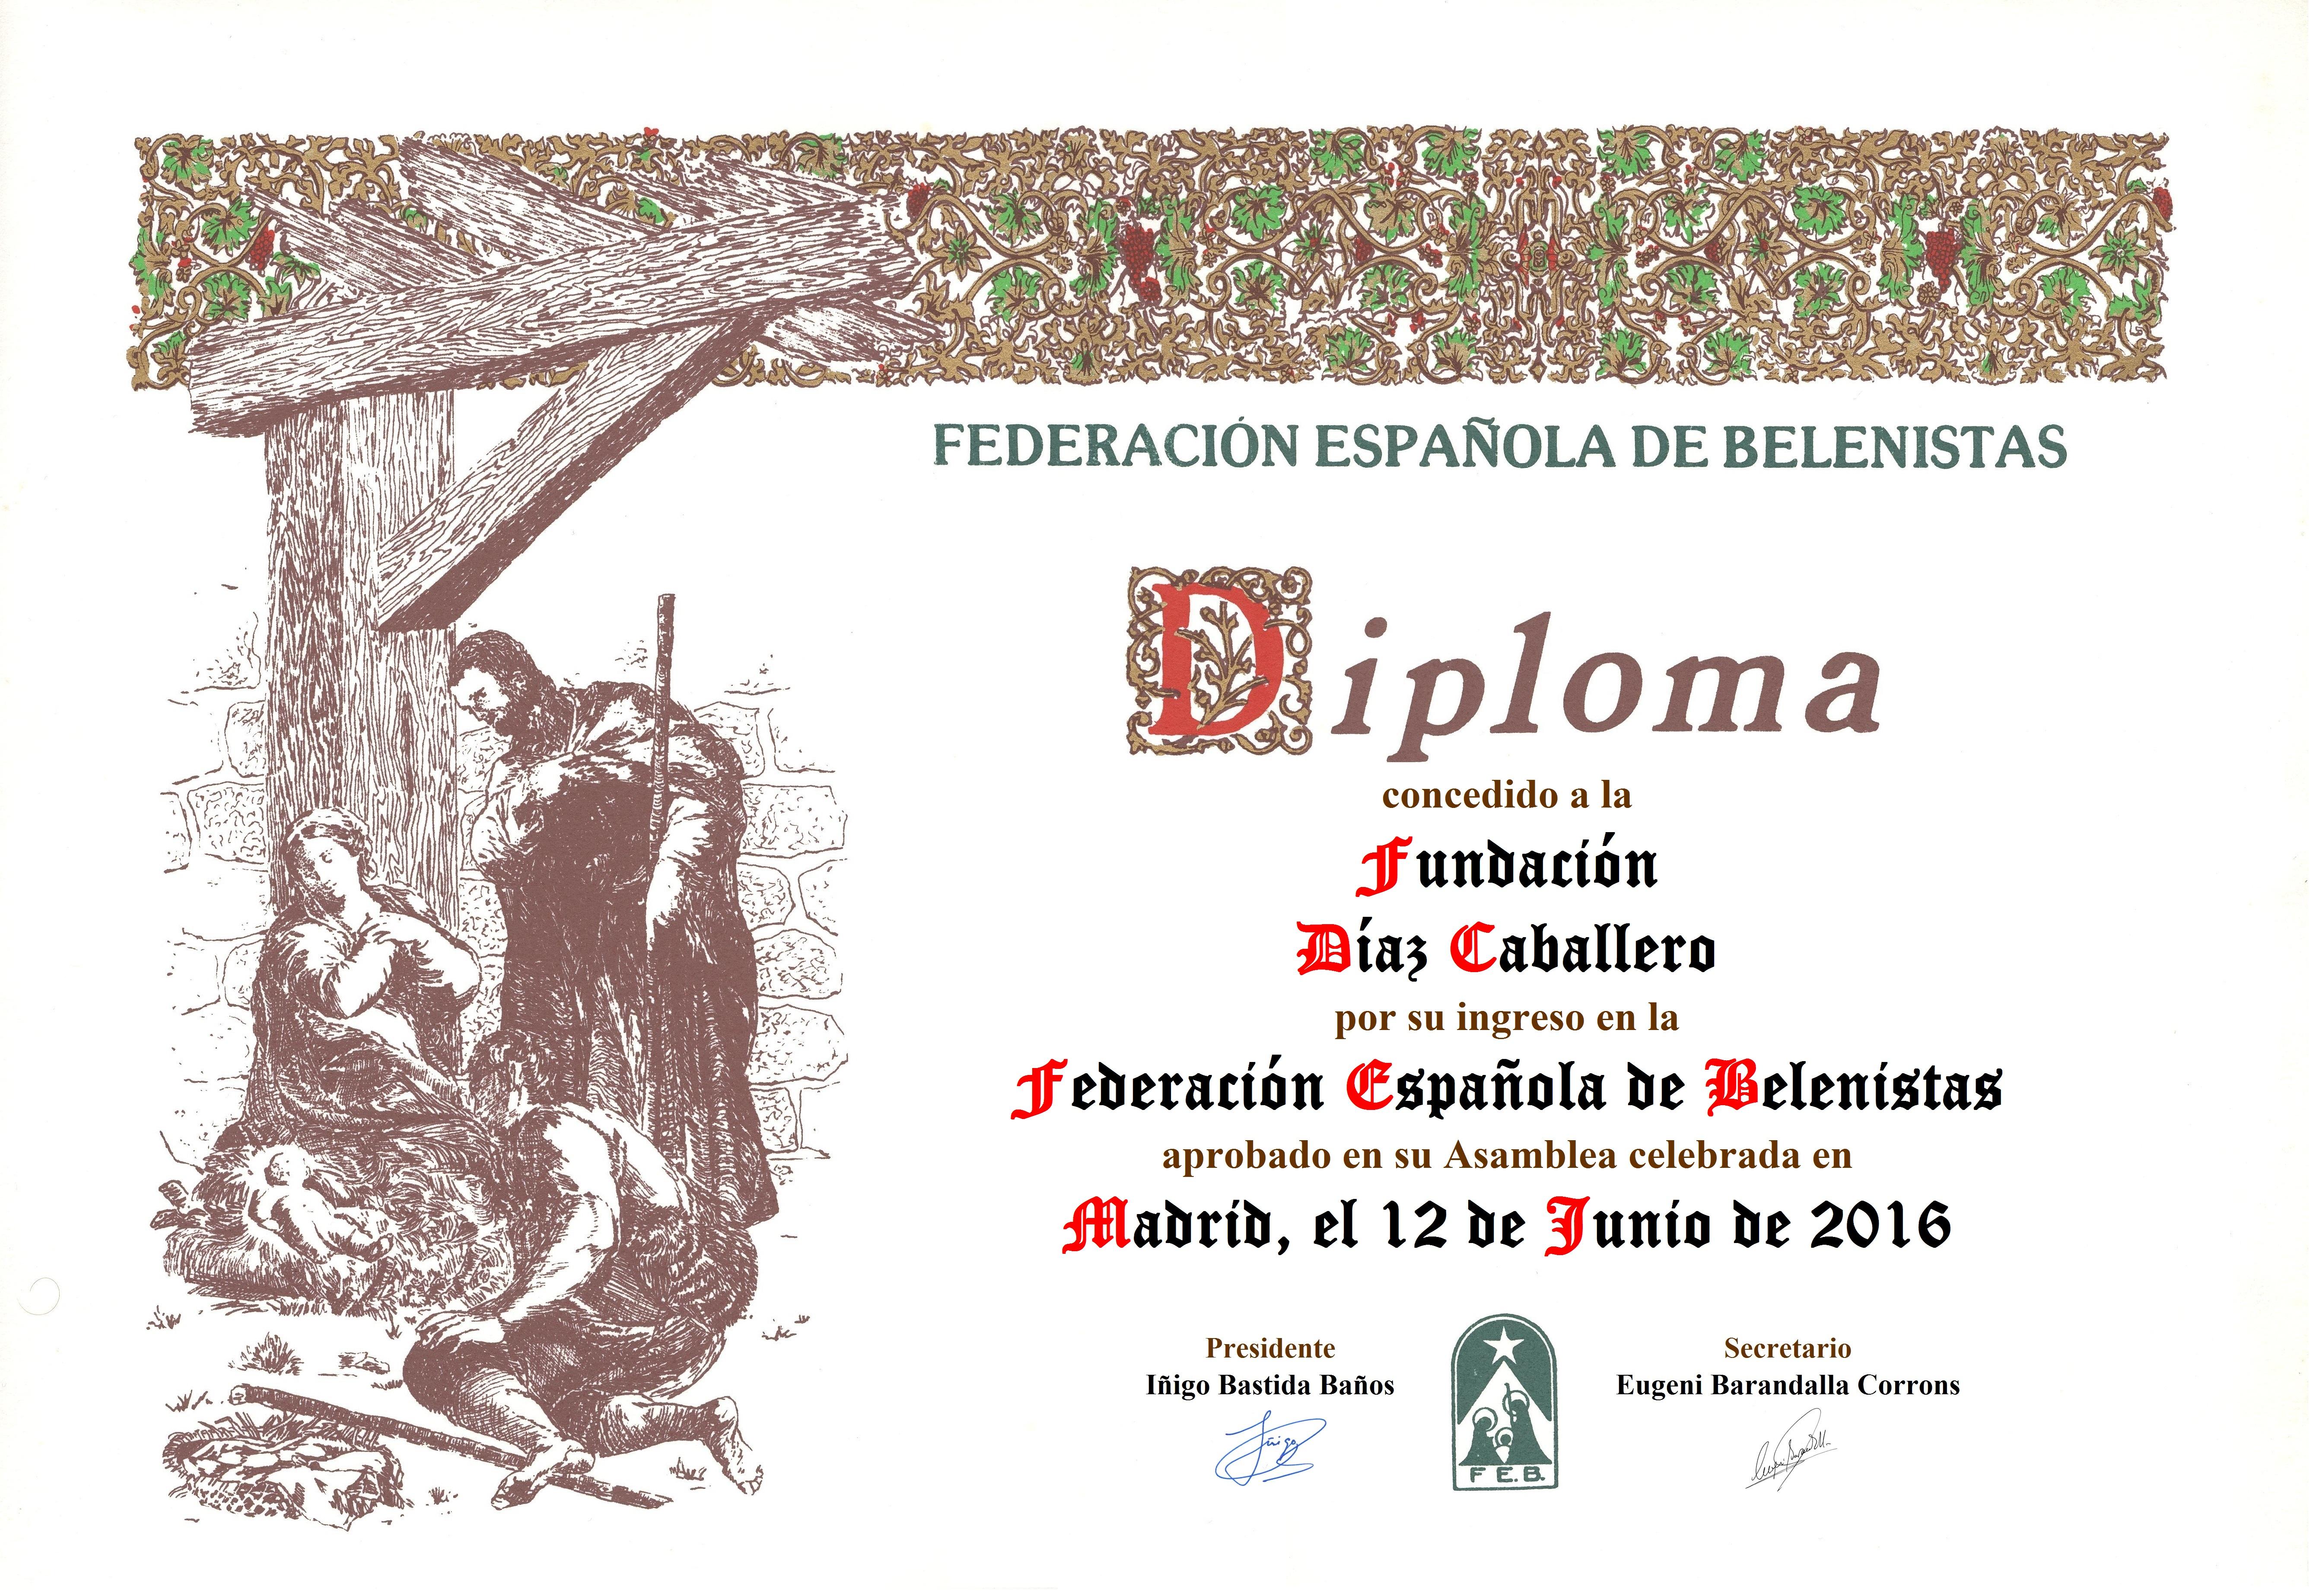 Diploma conmemorativo de la entrada de la Fundación Díaz Caballero en la FEB